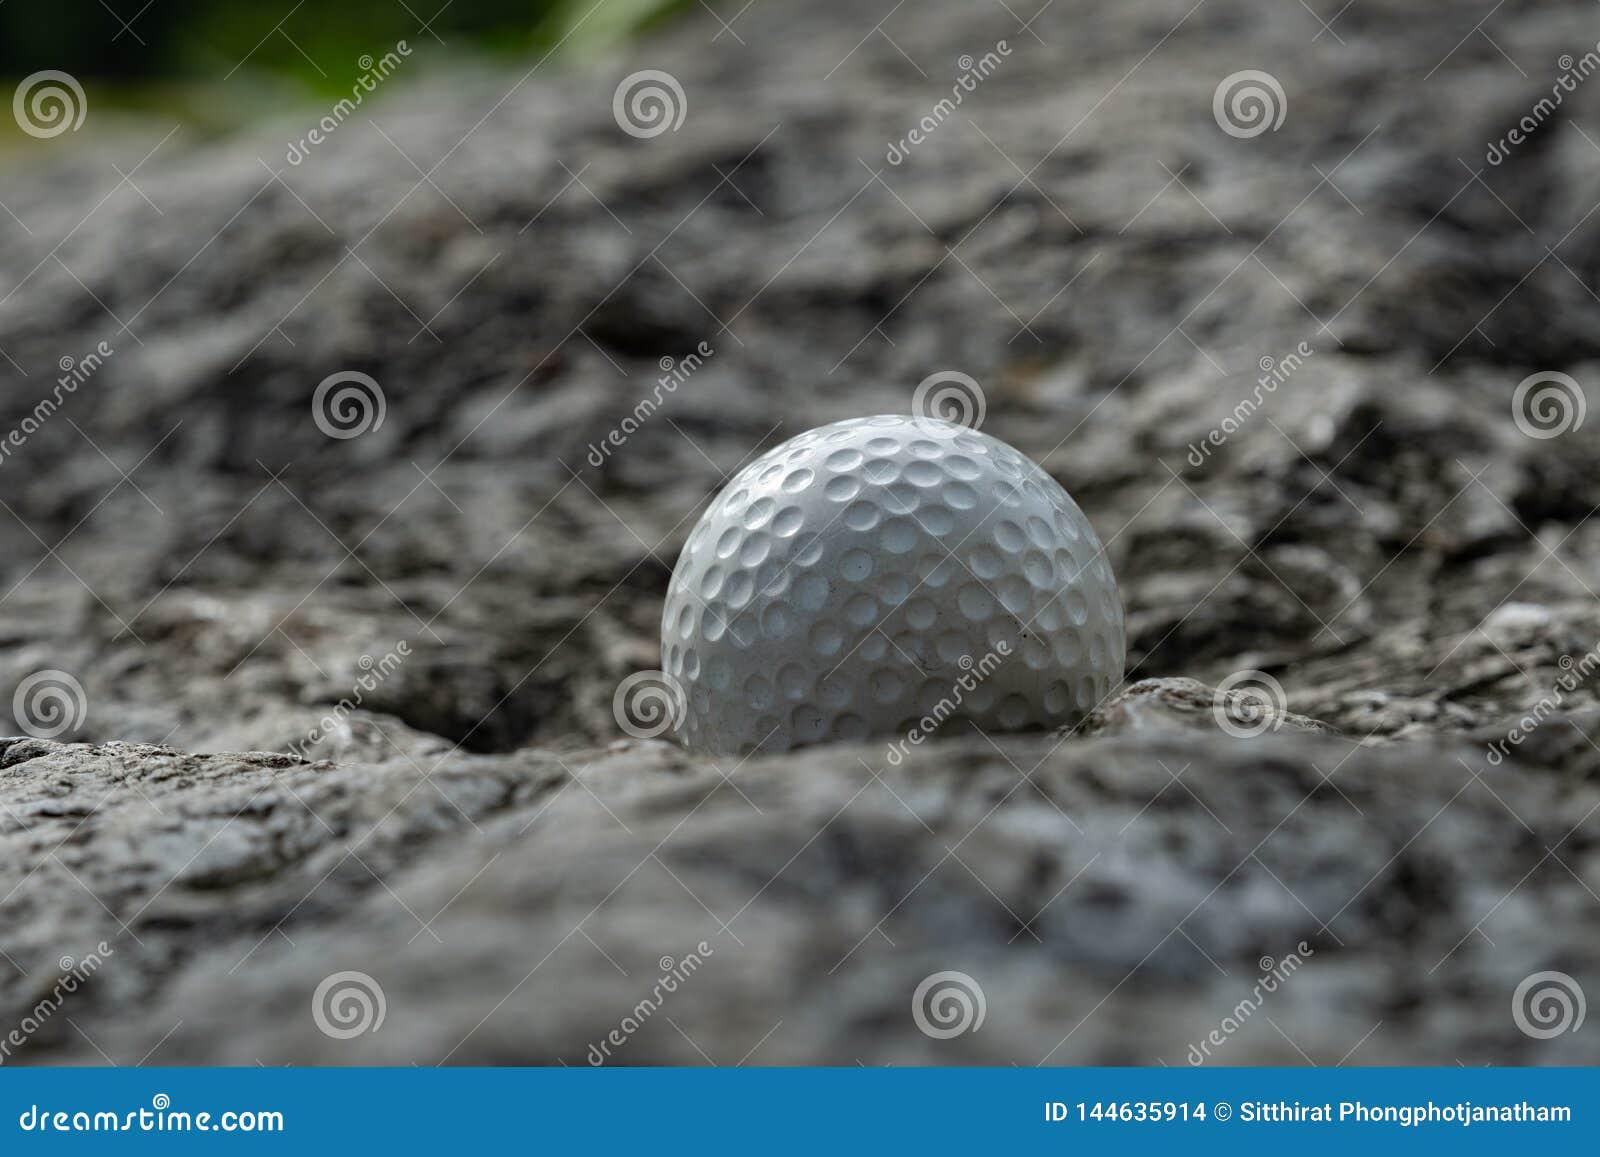 Σφαίρα γκολφ στο βράχο